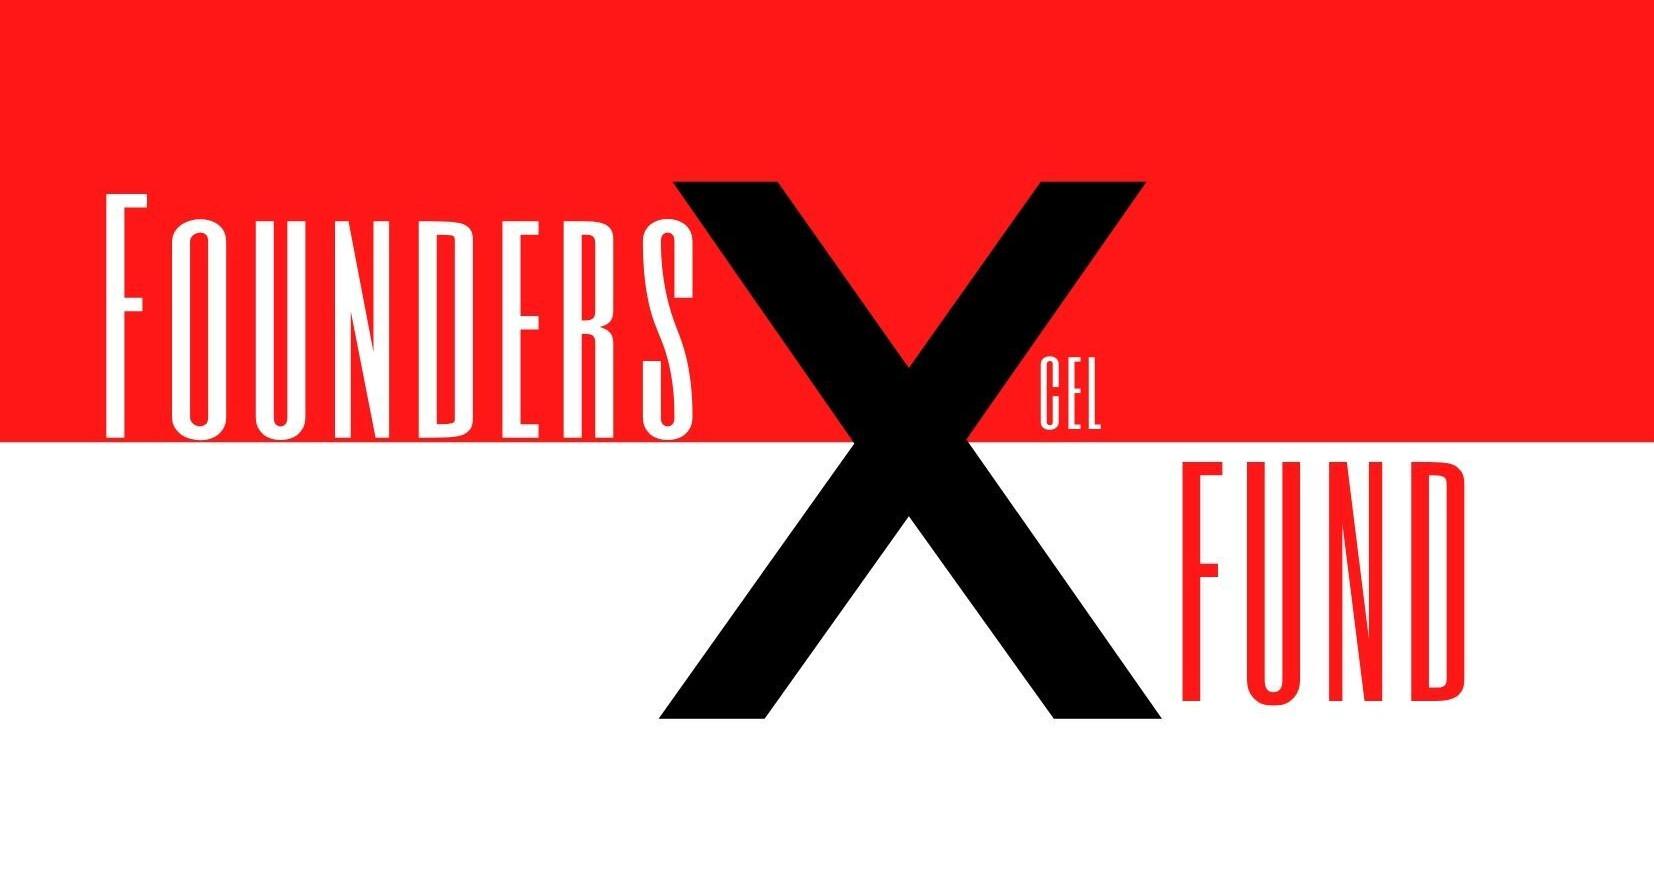 FoudersXcel <> XFund